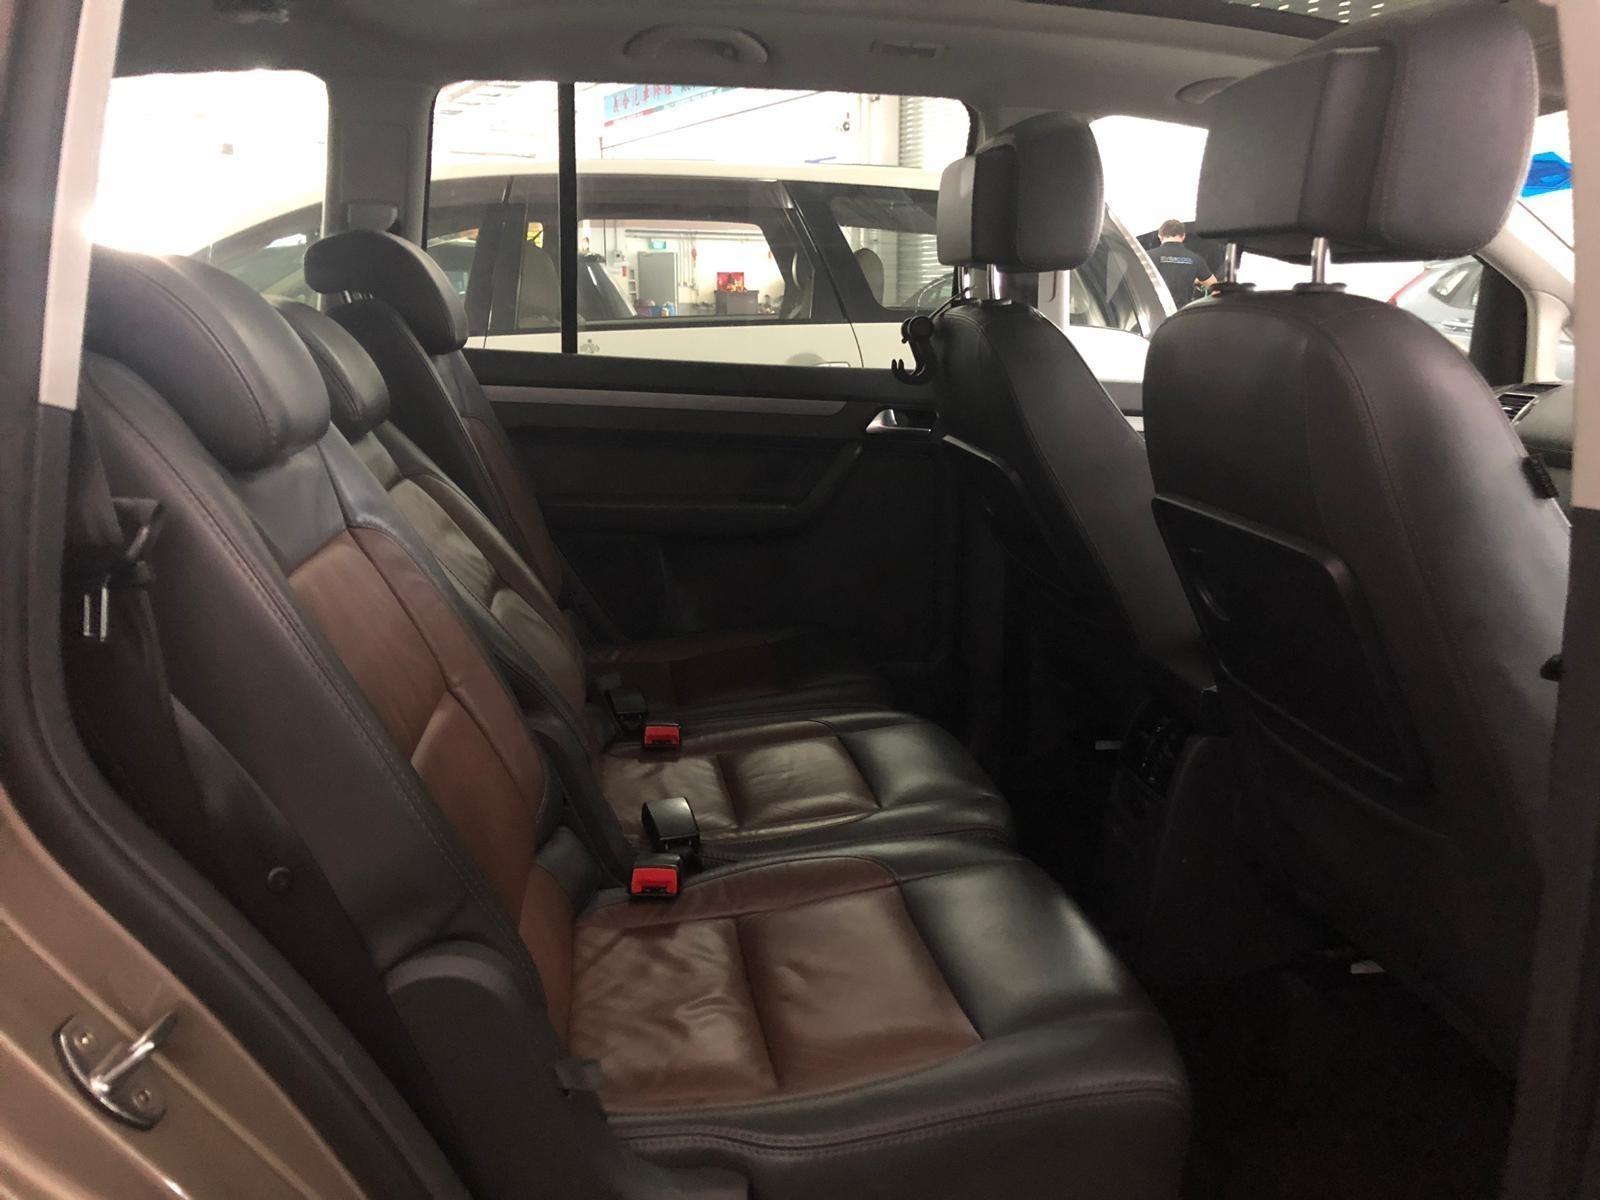 VW Touran Diesel 1.6A TDI